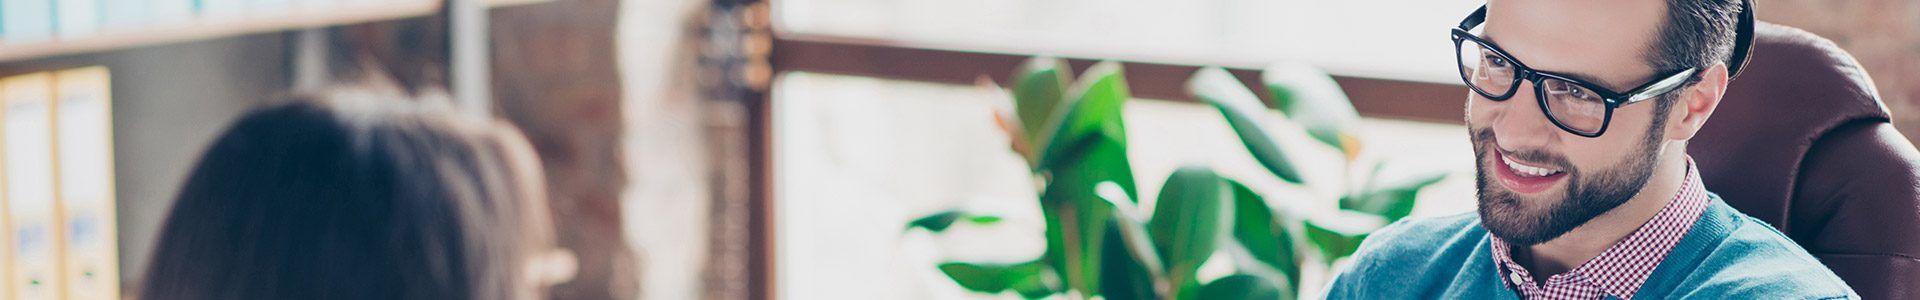 meer leads meer omzet team nijhuis garandeert het interview Twents ondernemers magazine